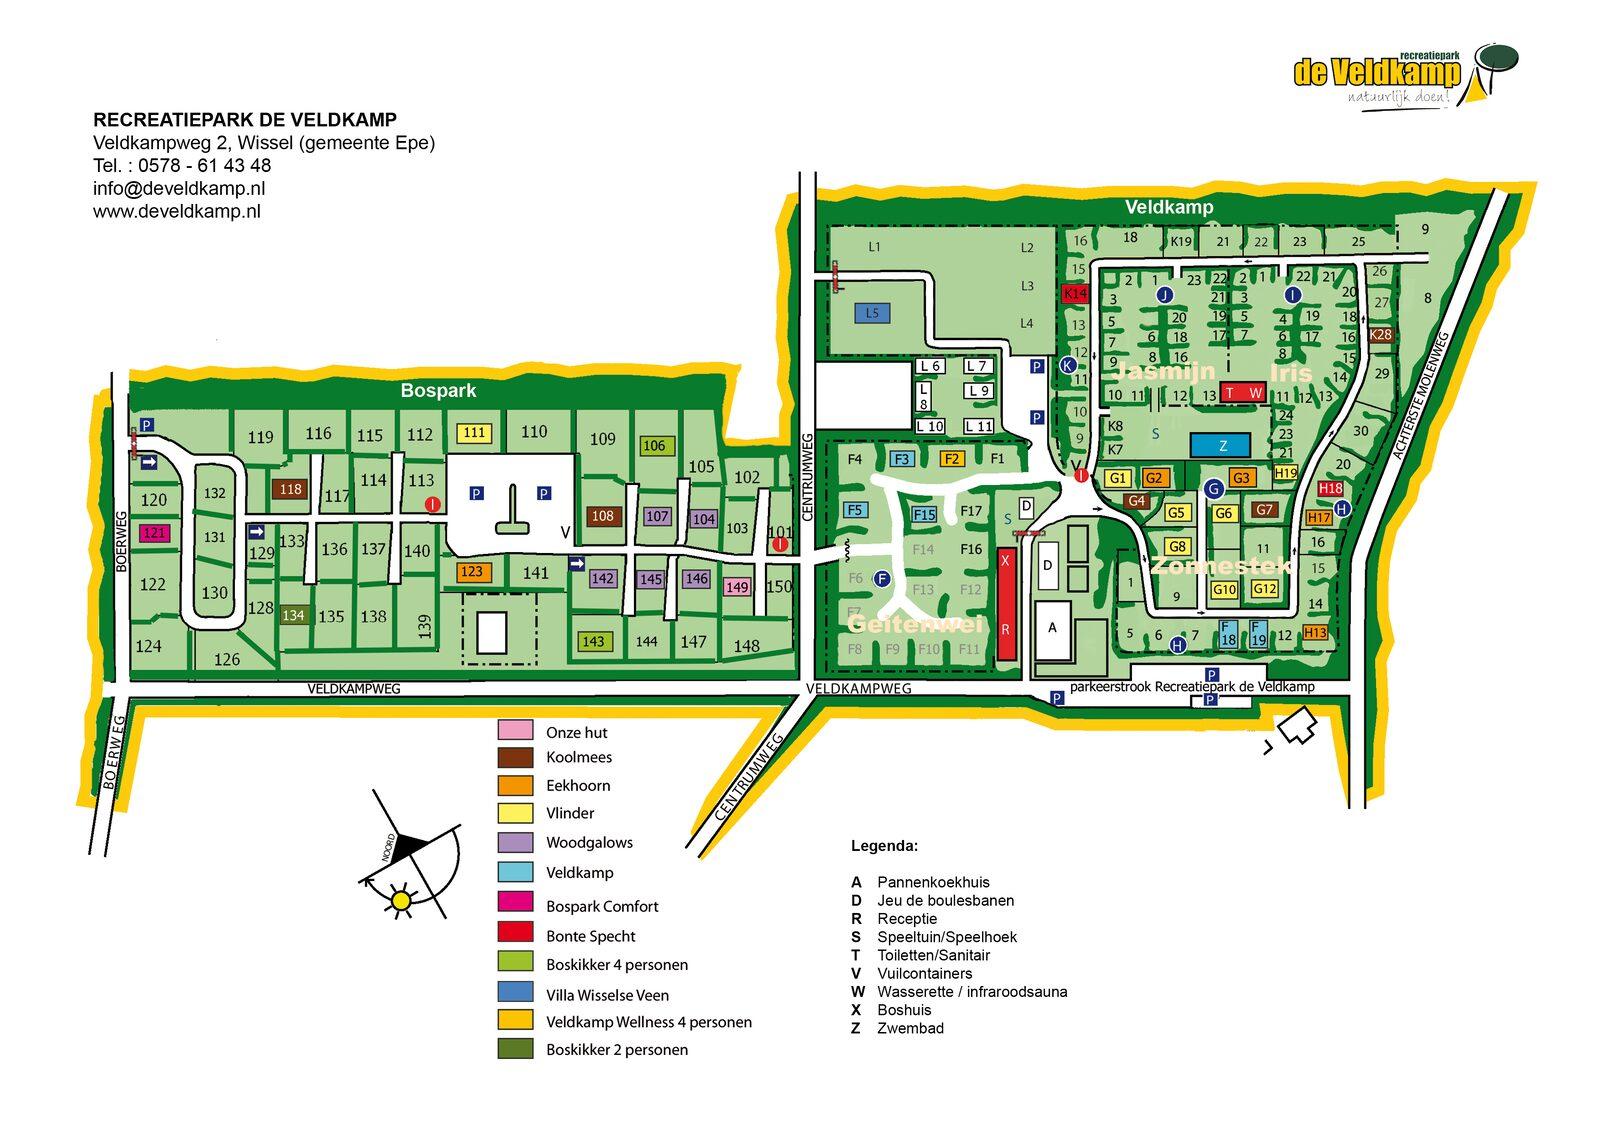 Plattegrond Recreatiepark de Veldkamp